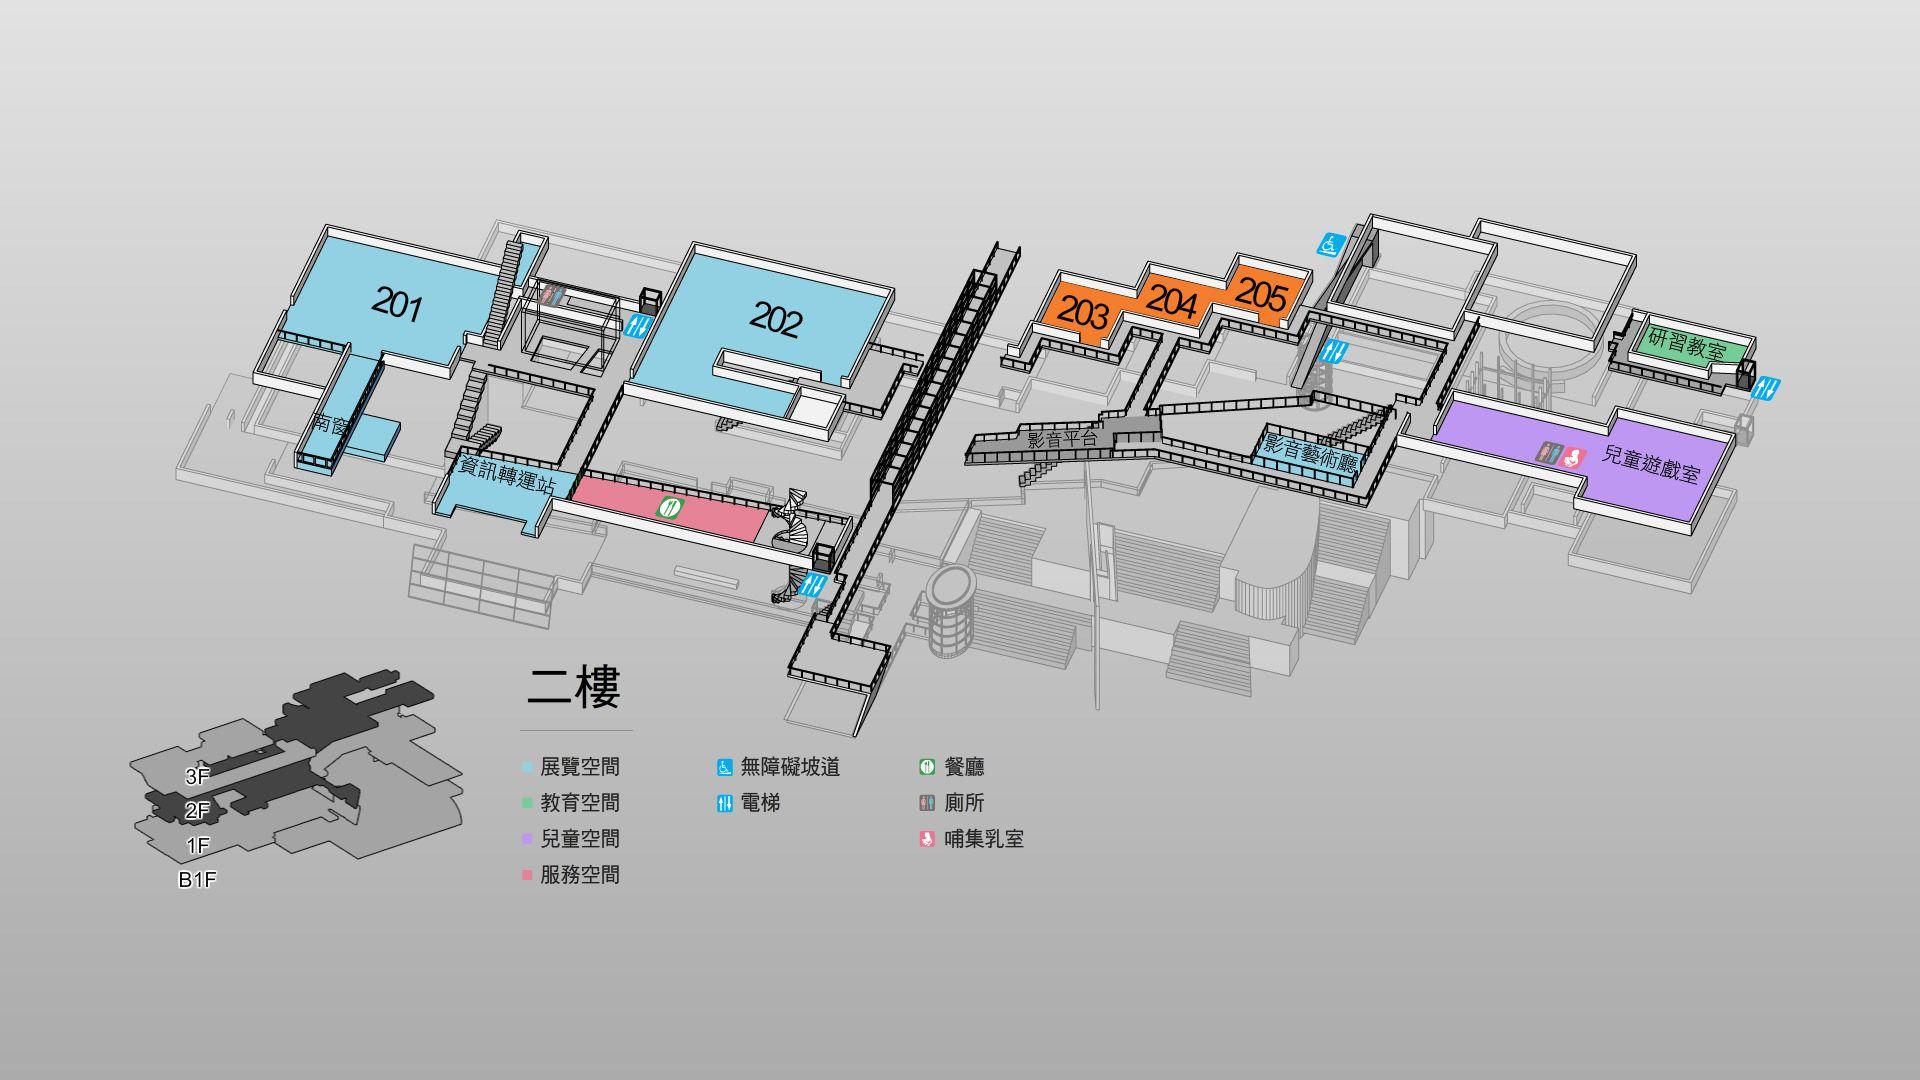 203-205展覽室平面圖